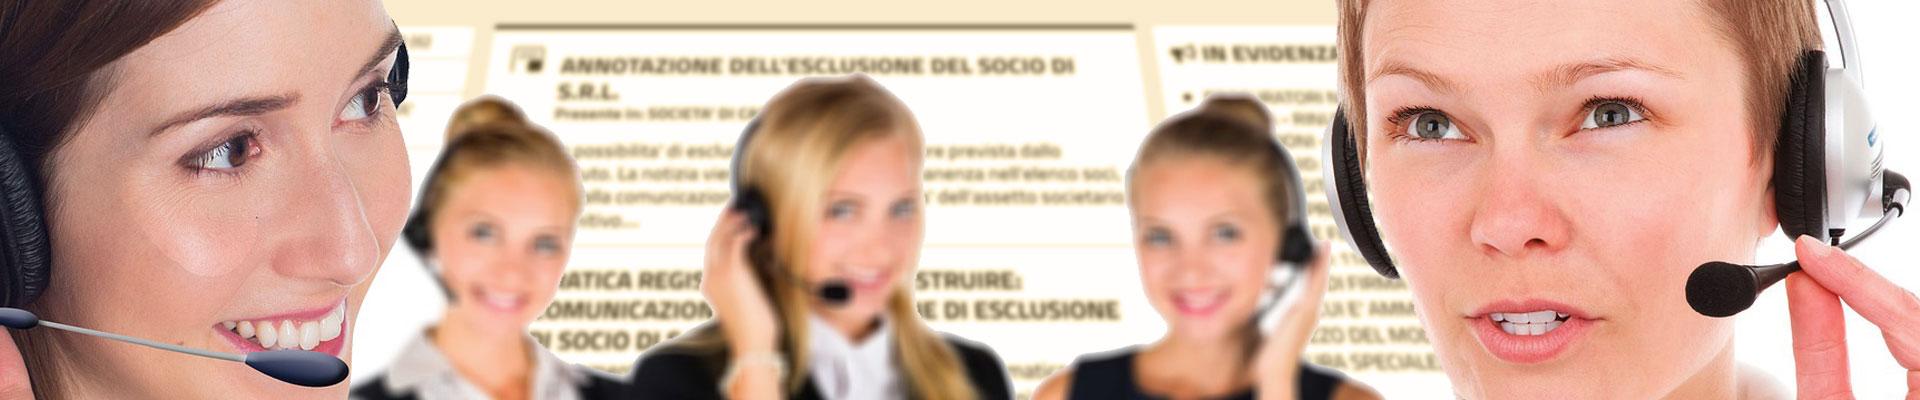 Sari  - Supporto specialistico al Registro imprese